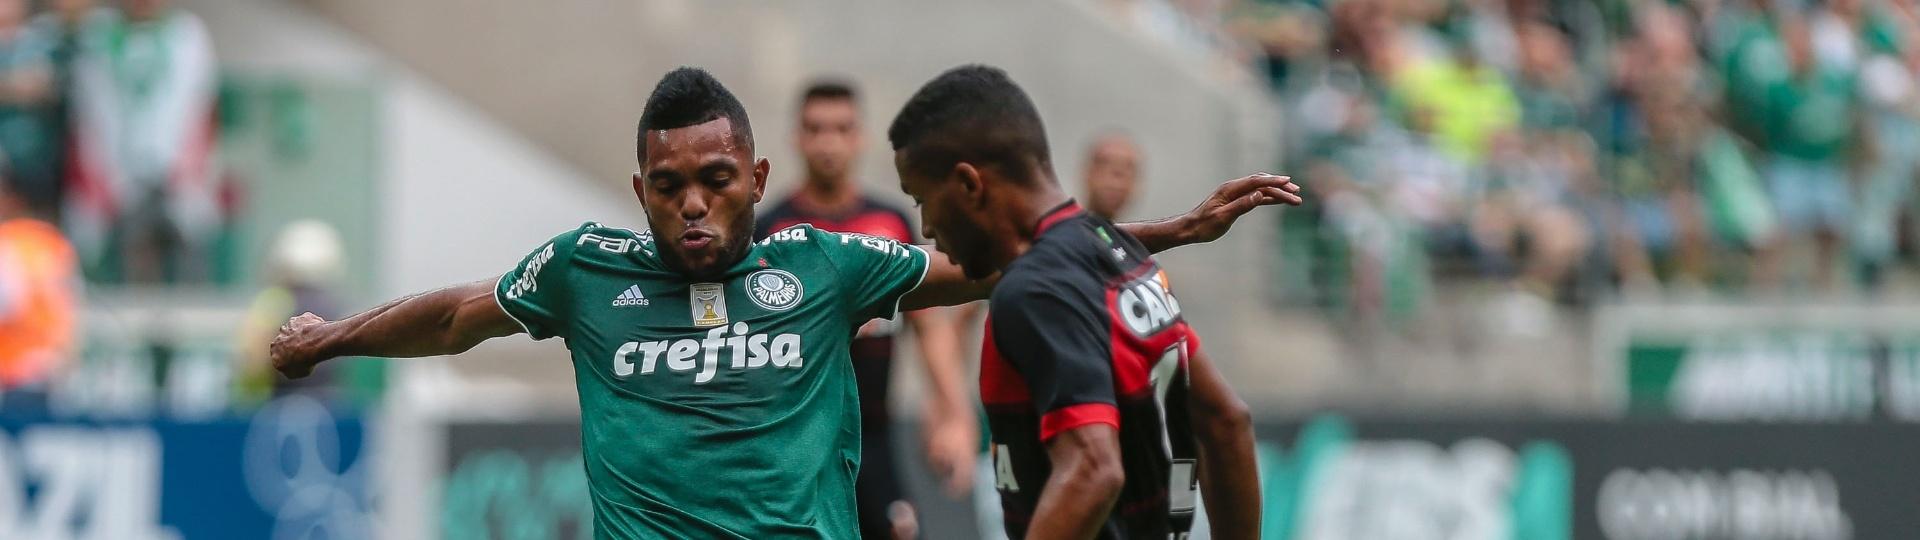 Palmeiras e Vitória se enfrentam no Allianz Parque na 38ª rodada do Campeonato Brasileiro 2018